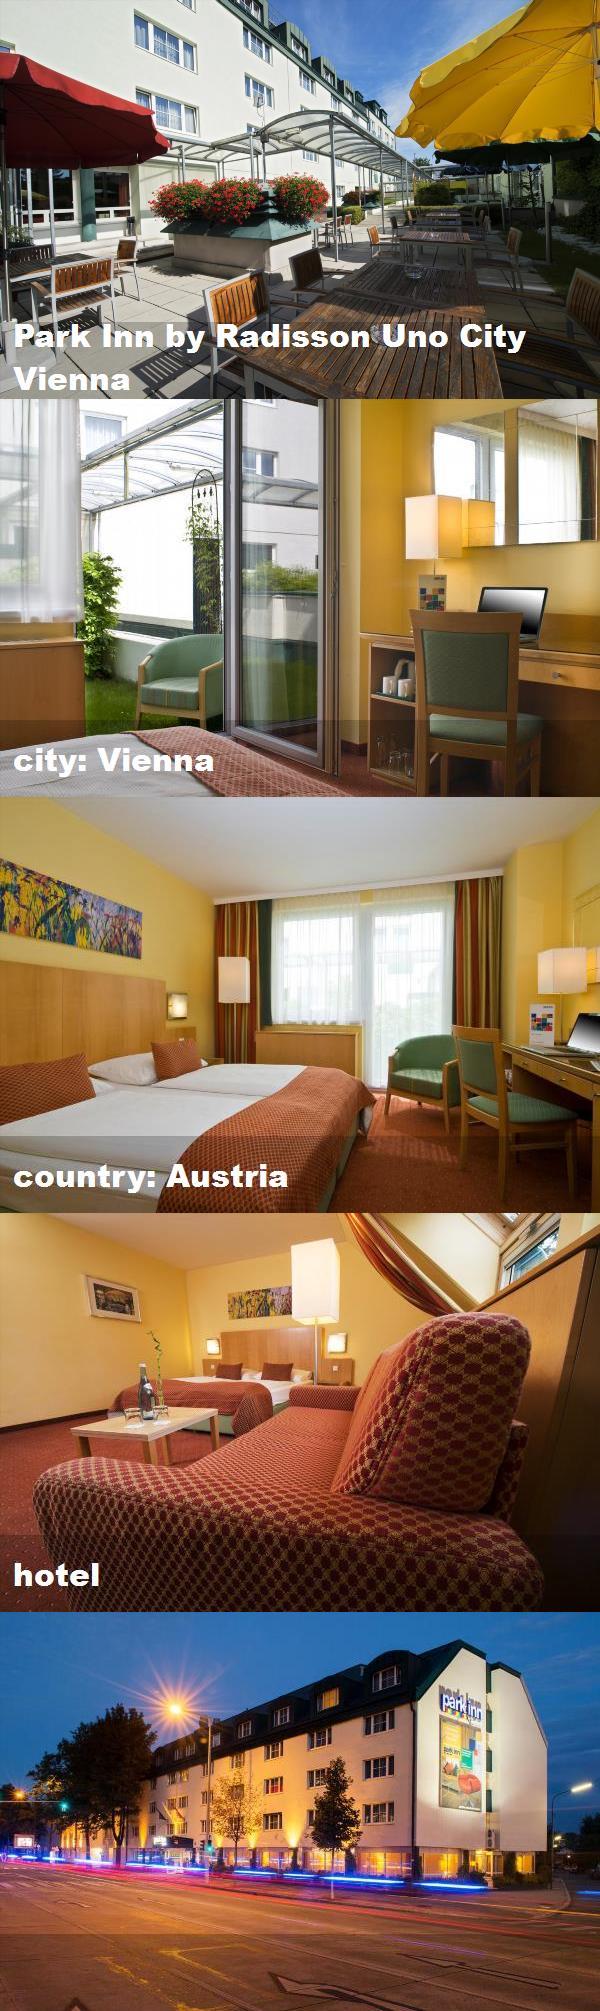 Park Inn By Radisson Uno City Vienna City Vienna Country